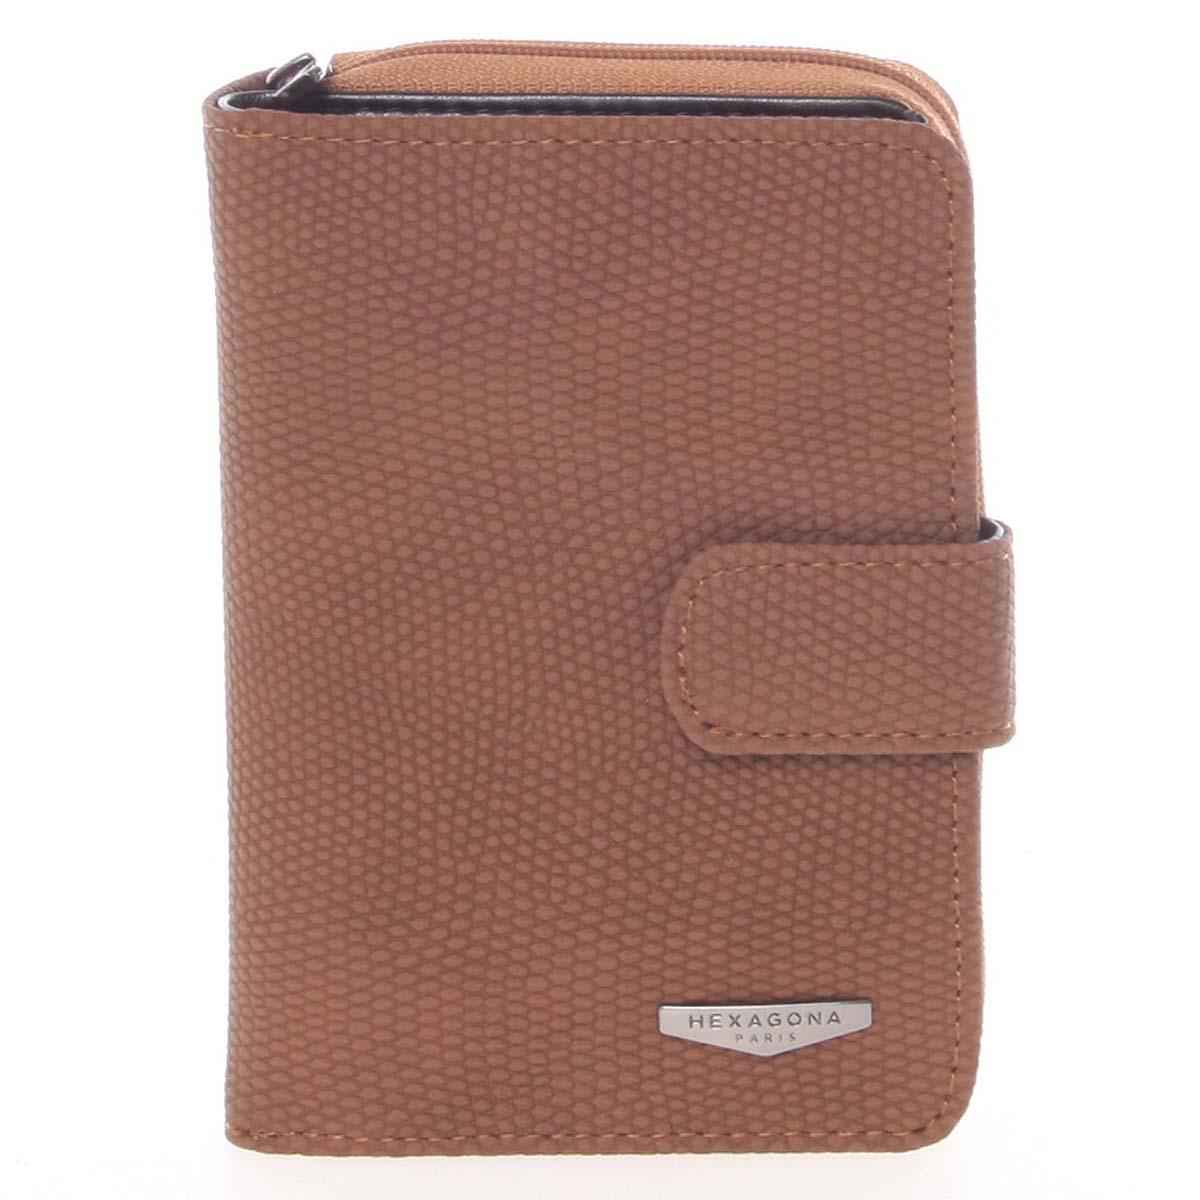 62bfd5c098 Originálna dámska dvojdielna hnedá peňaženka - HEXAGONA Reezzi hnedá ...